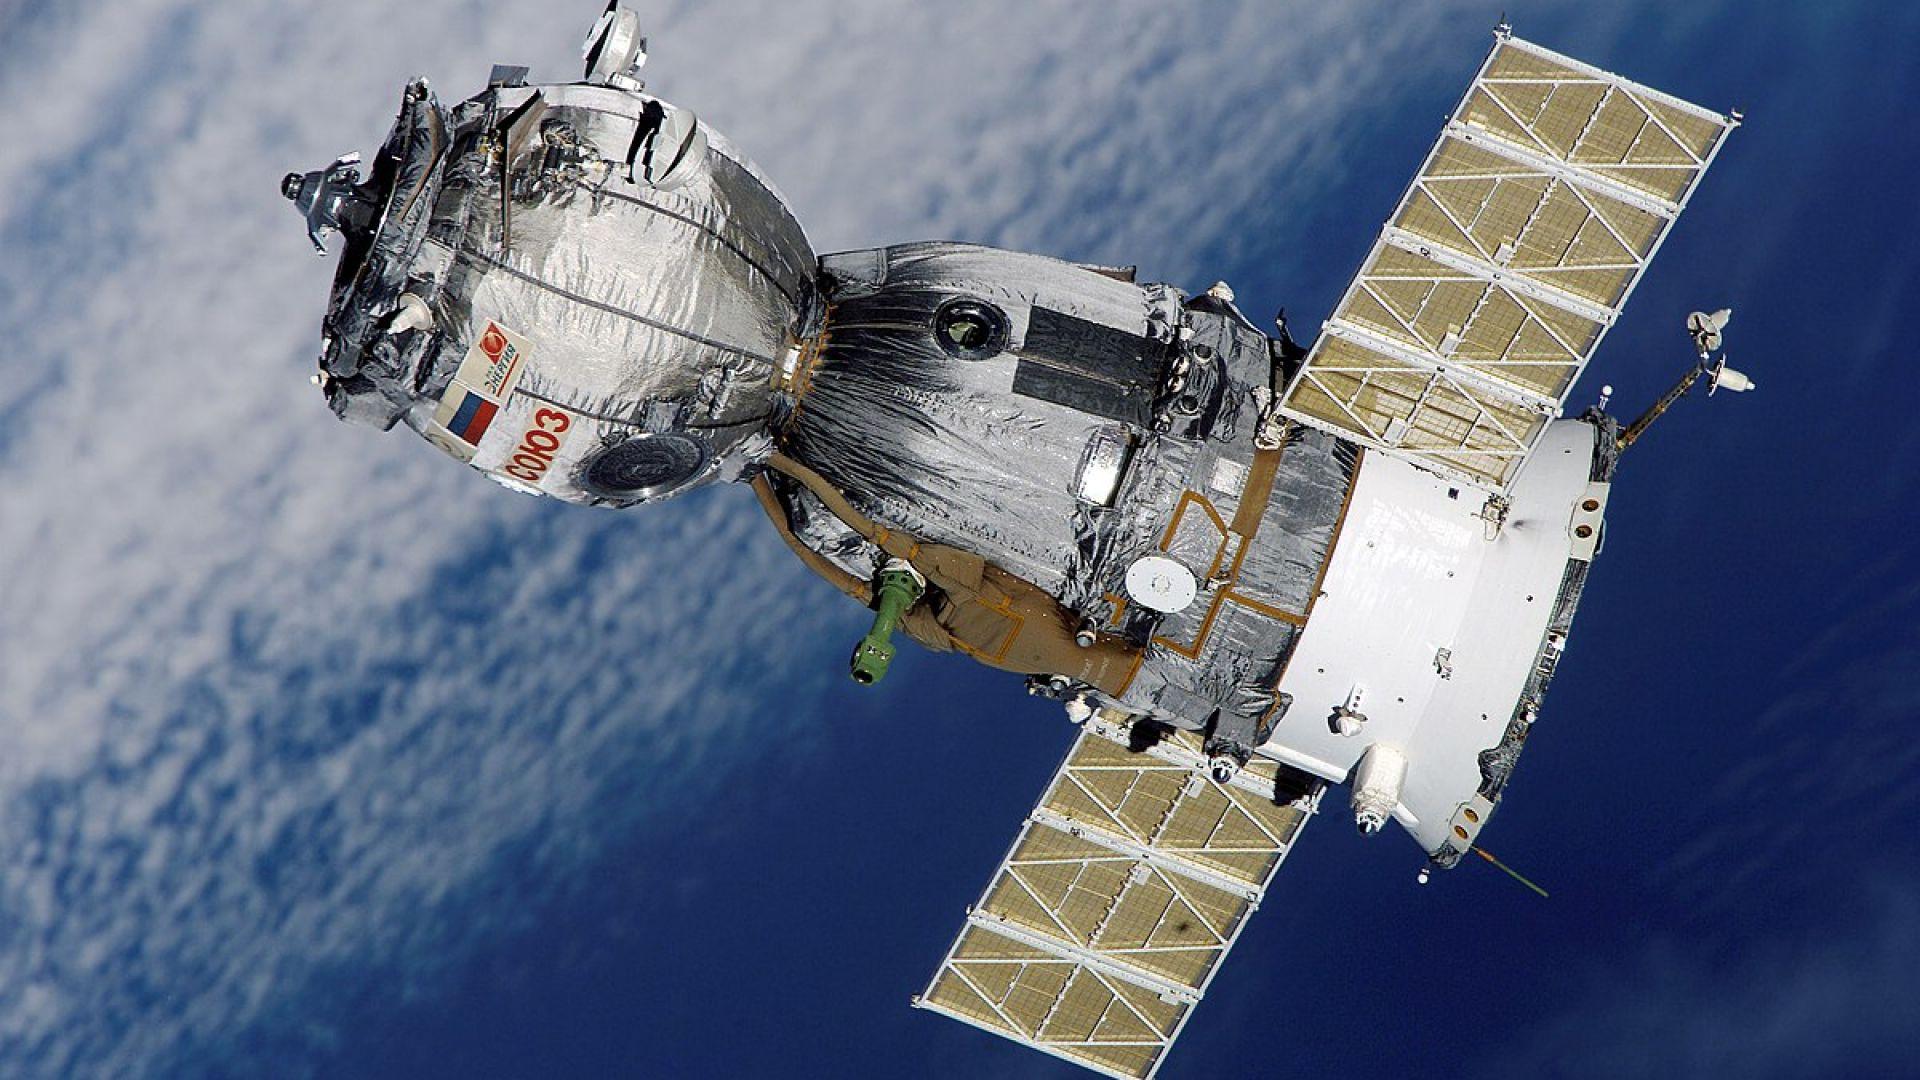 НАСА омаловажи възможността за саботаж на руския кораб, прикачен към МКС